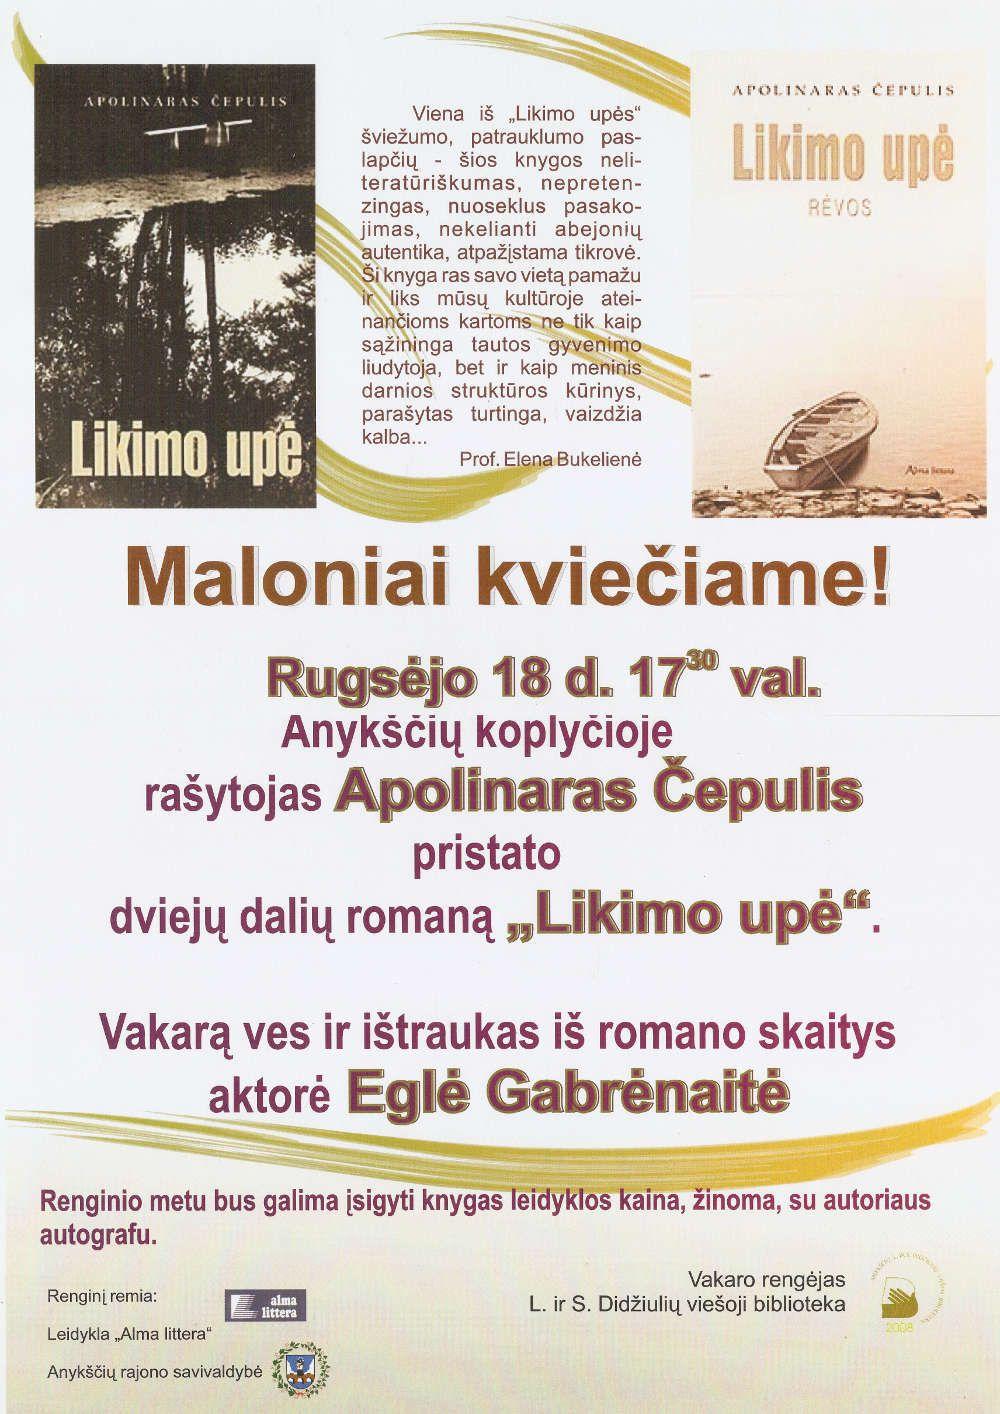 """Rašytojas Apolinaras Čepulis pristato dviejų dalių romaną """"Likimo upė"""""""